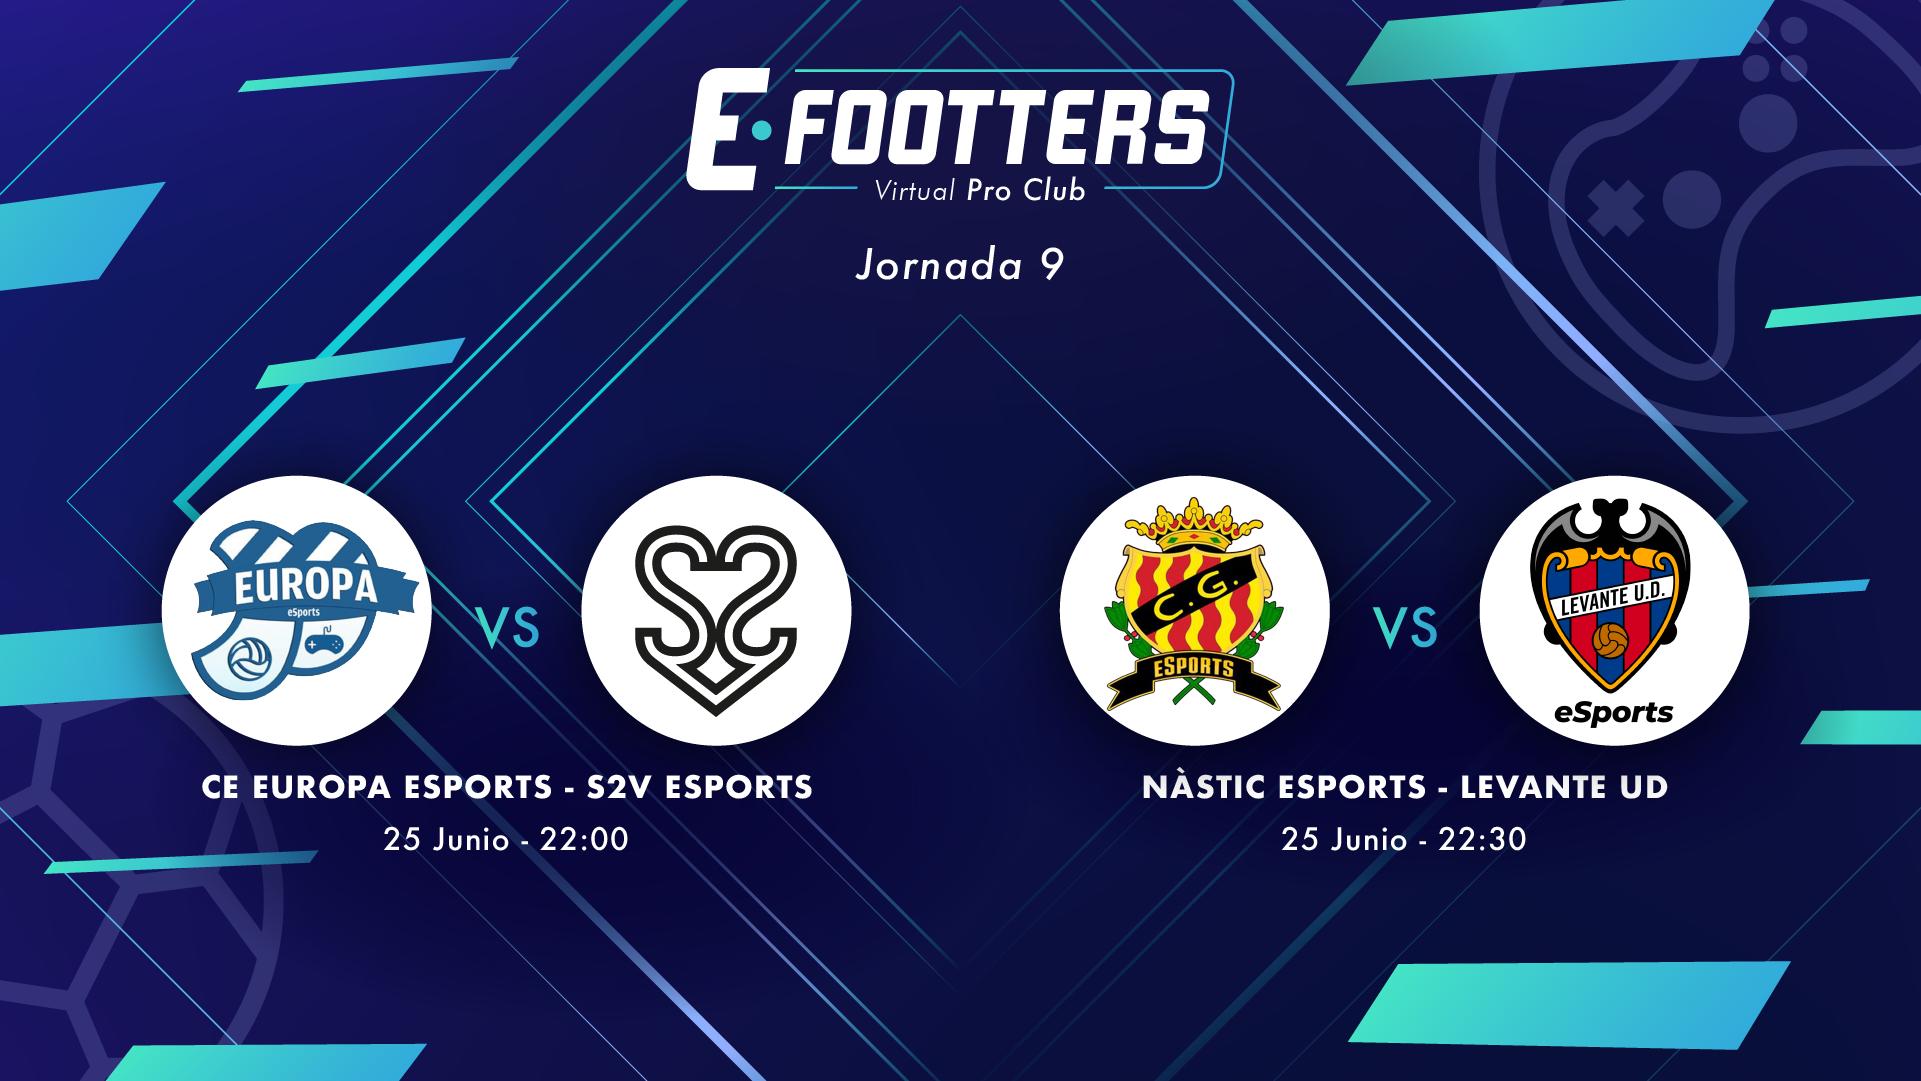 Nástic - Levante y Europa - S2V, partidos de la jornada 9